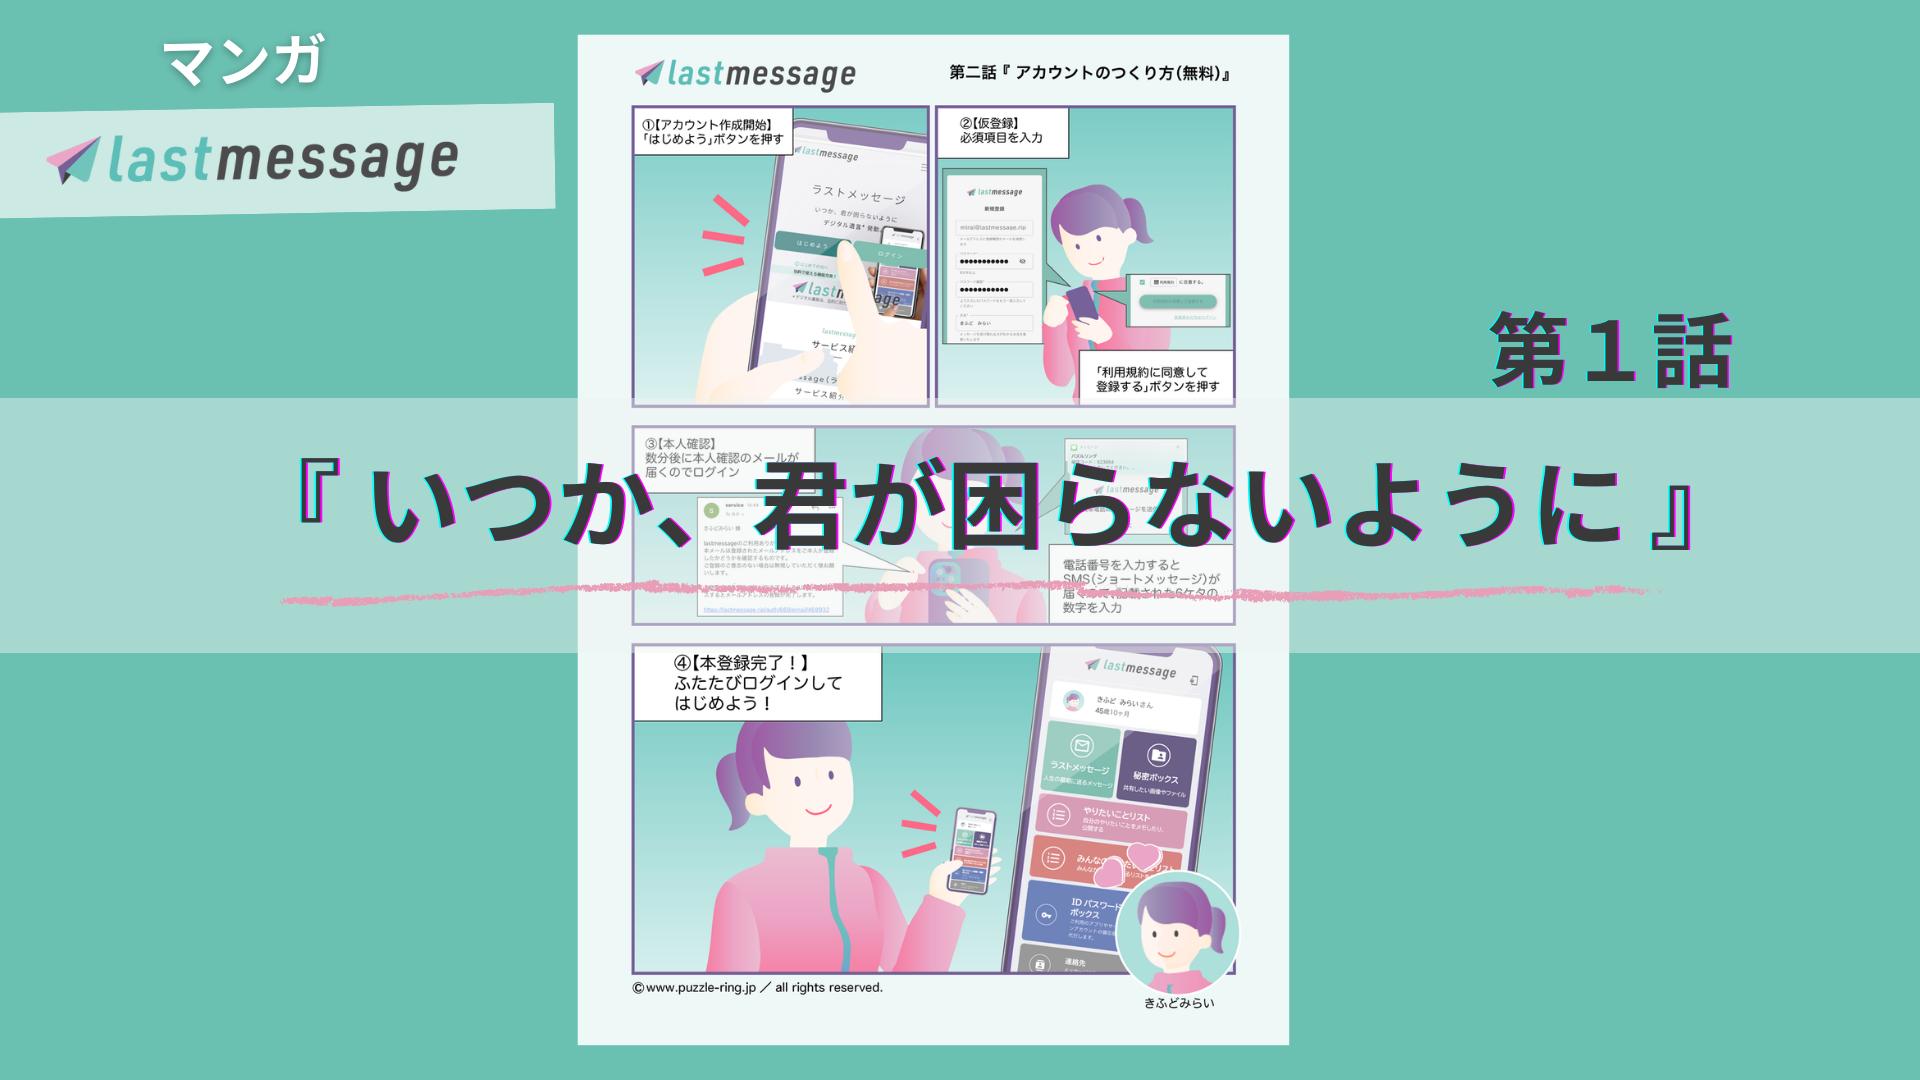 マンガで読むデジタル遺言*【lastmessage(ラストメッセージ)】  『いつか、君が困らないように』第1話